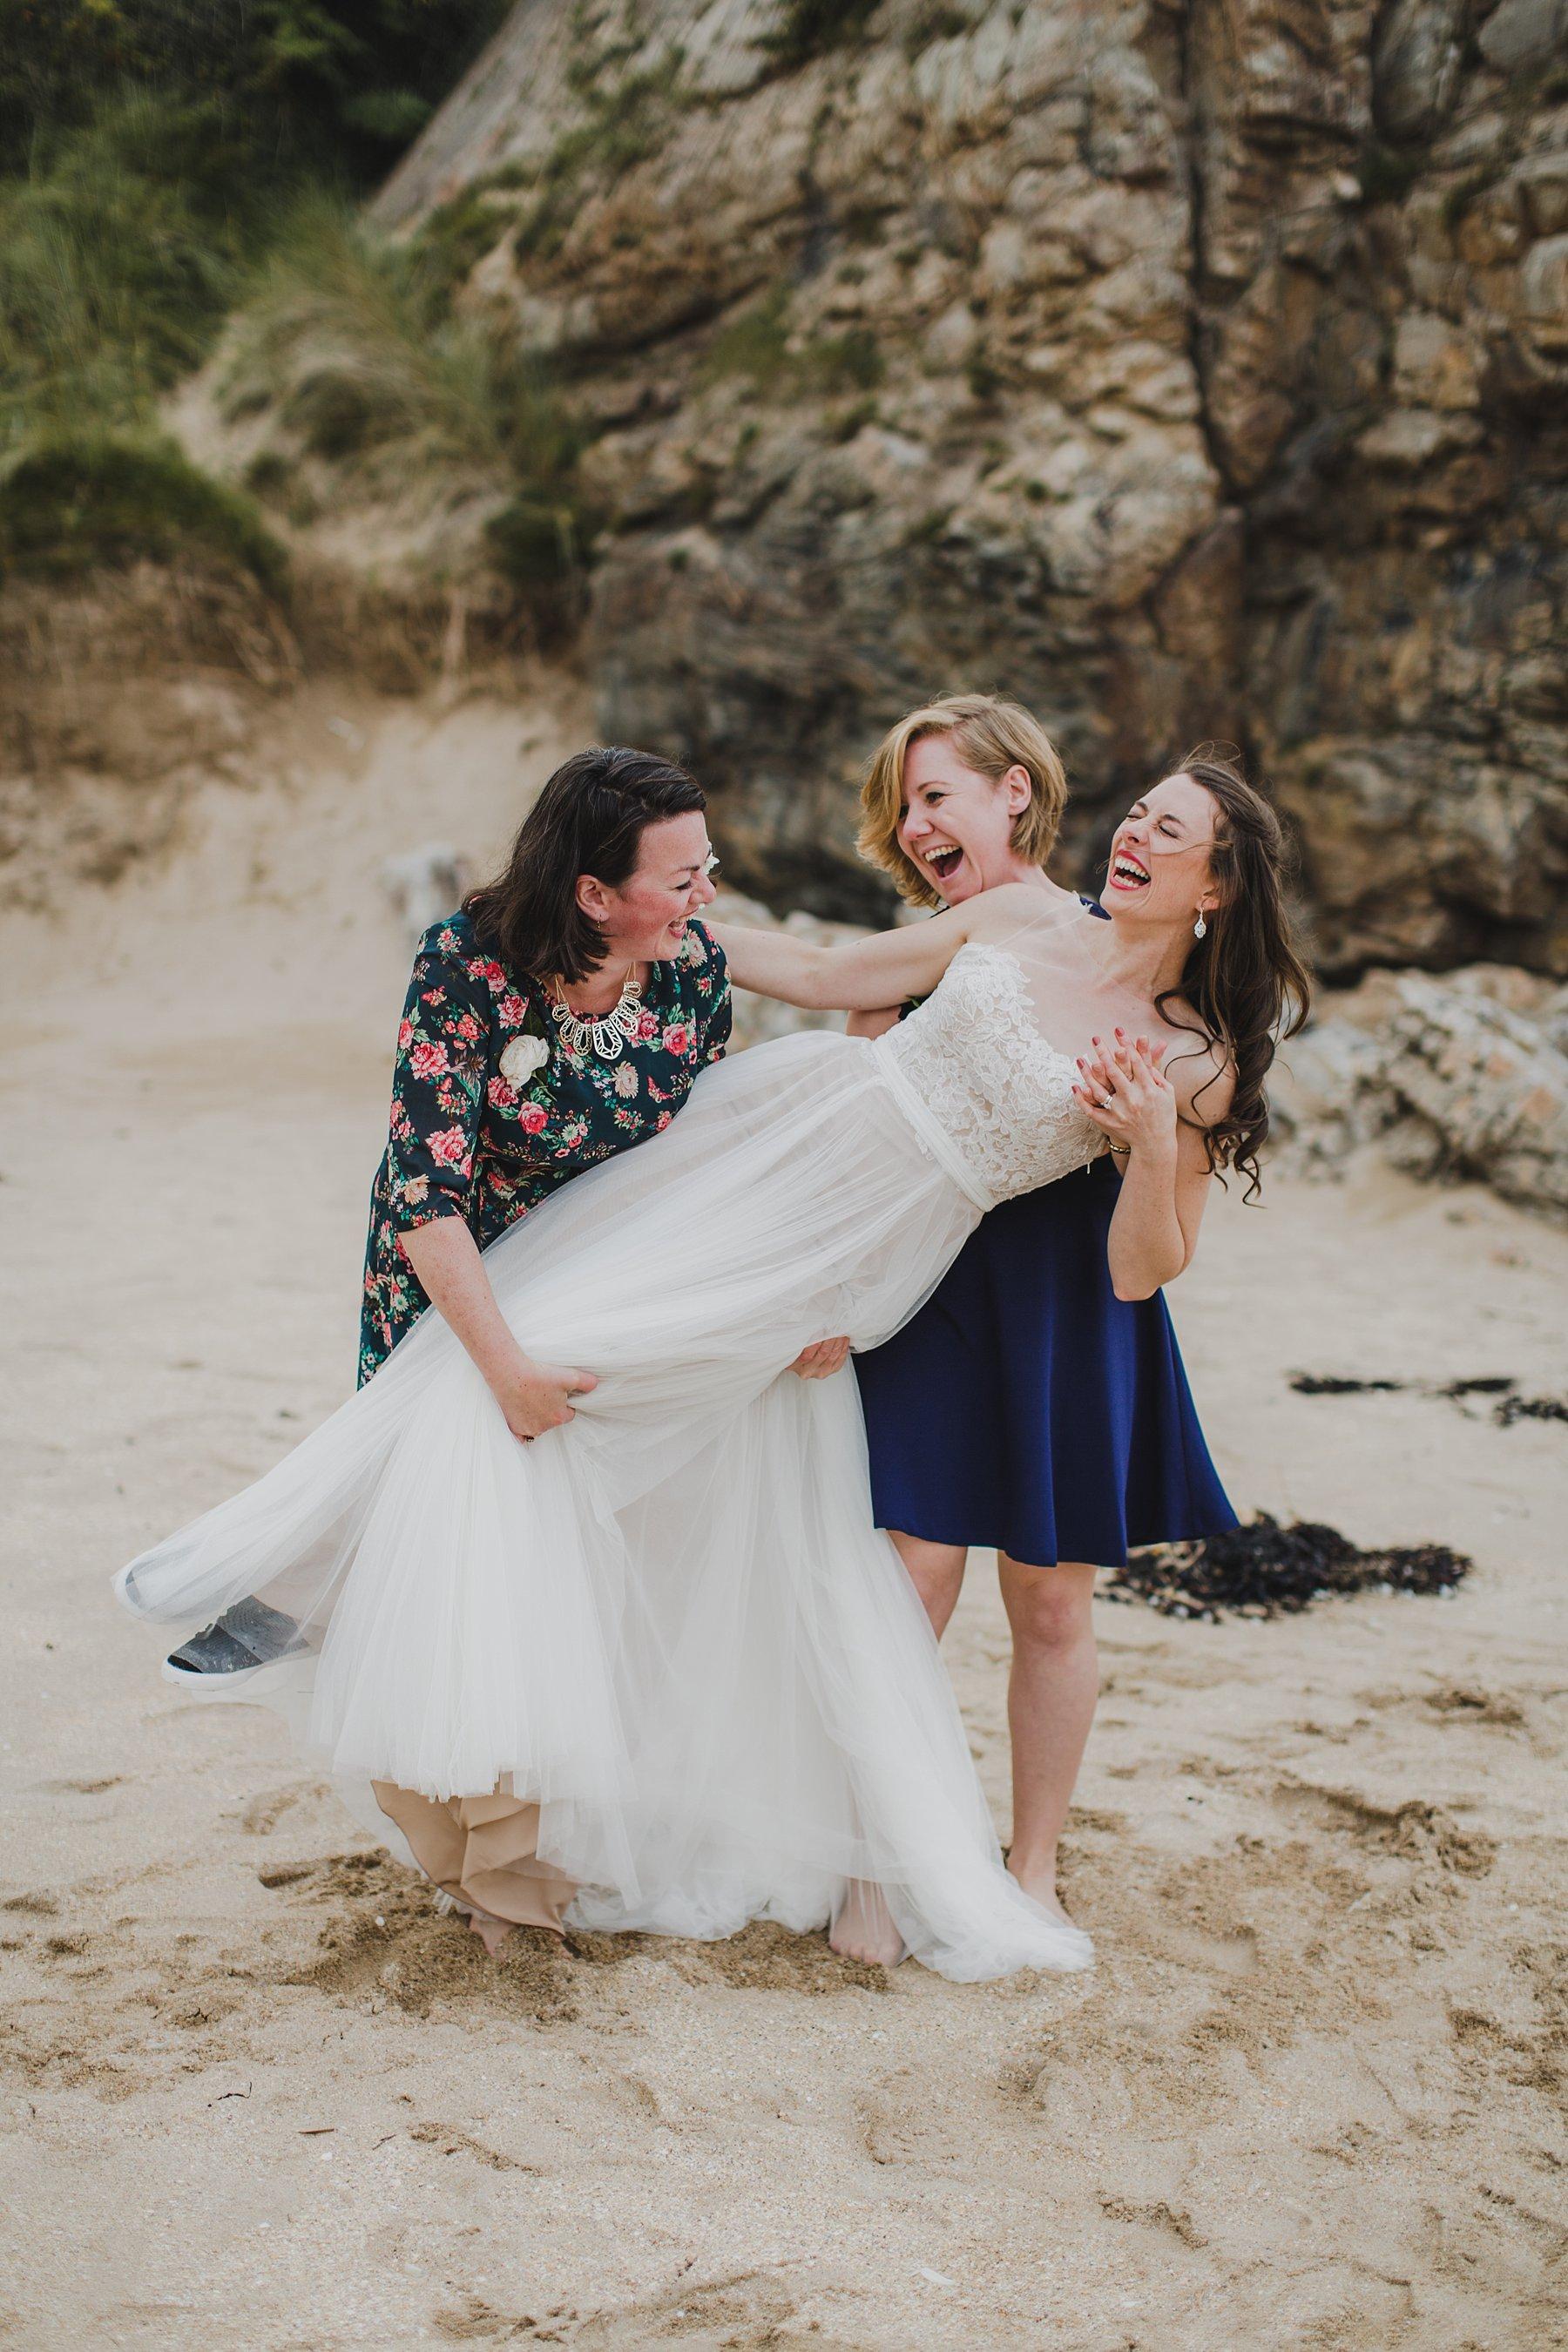 hornhead_donegak_elopement_weddings_0064